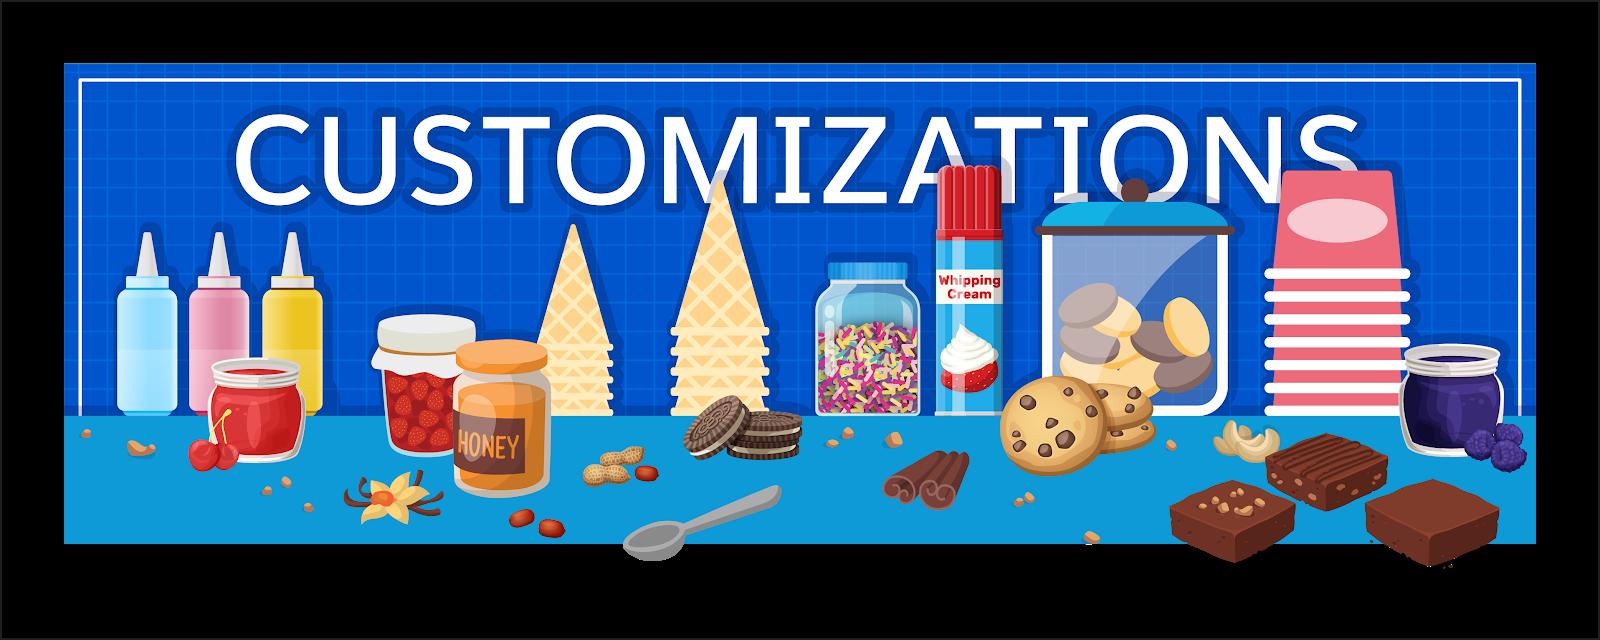 サンデーのトッピングは、特定の組織が必要とする追加のカスタマイズです。